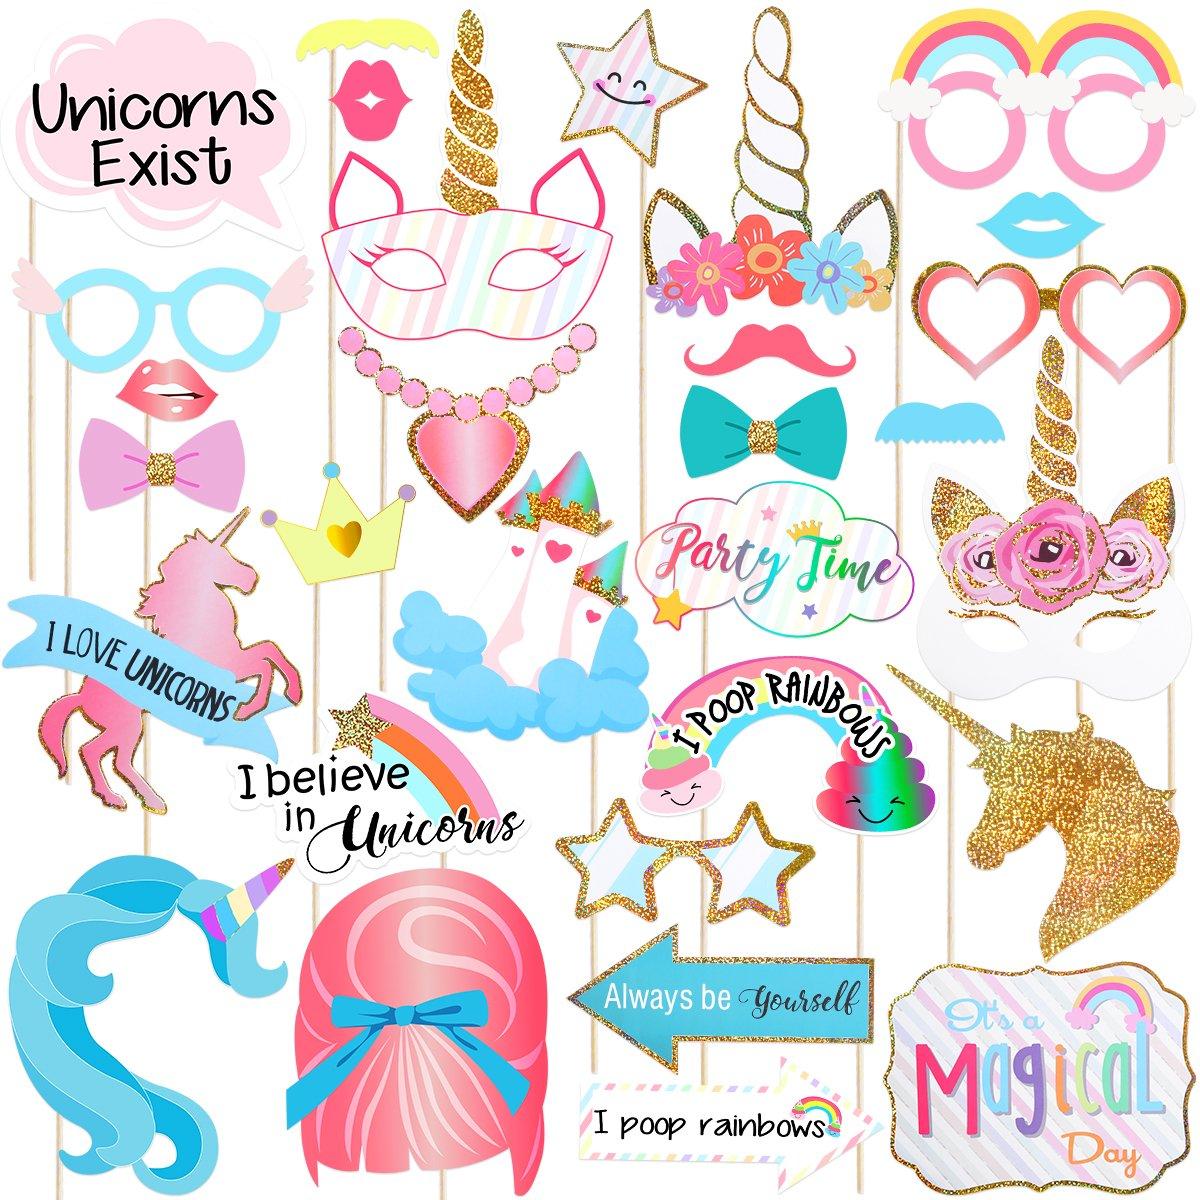 Amosfun Unicornio Photo Booth Props Suministros de Fiesta de cumpleaños Decoraciones Unicorn Baby Shower Party Supplies en un Stick, Pack de 30